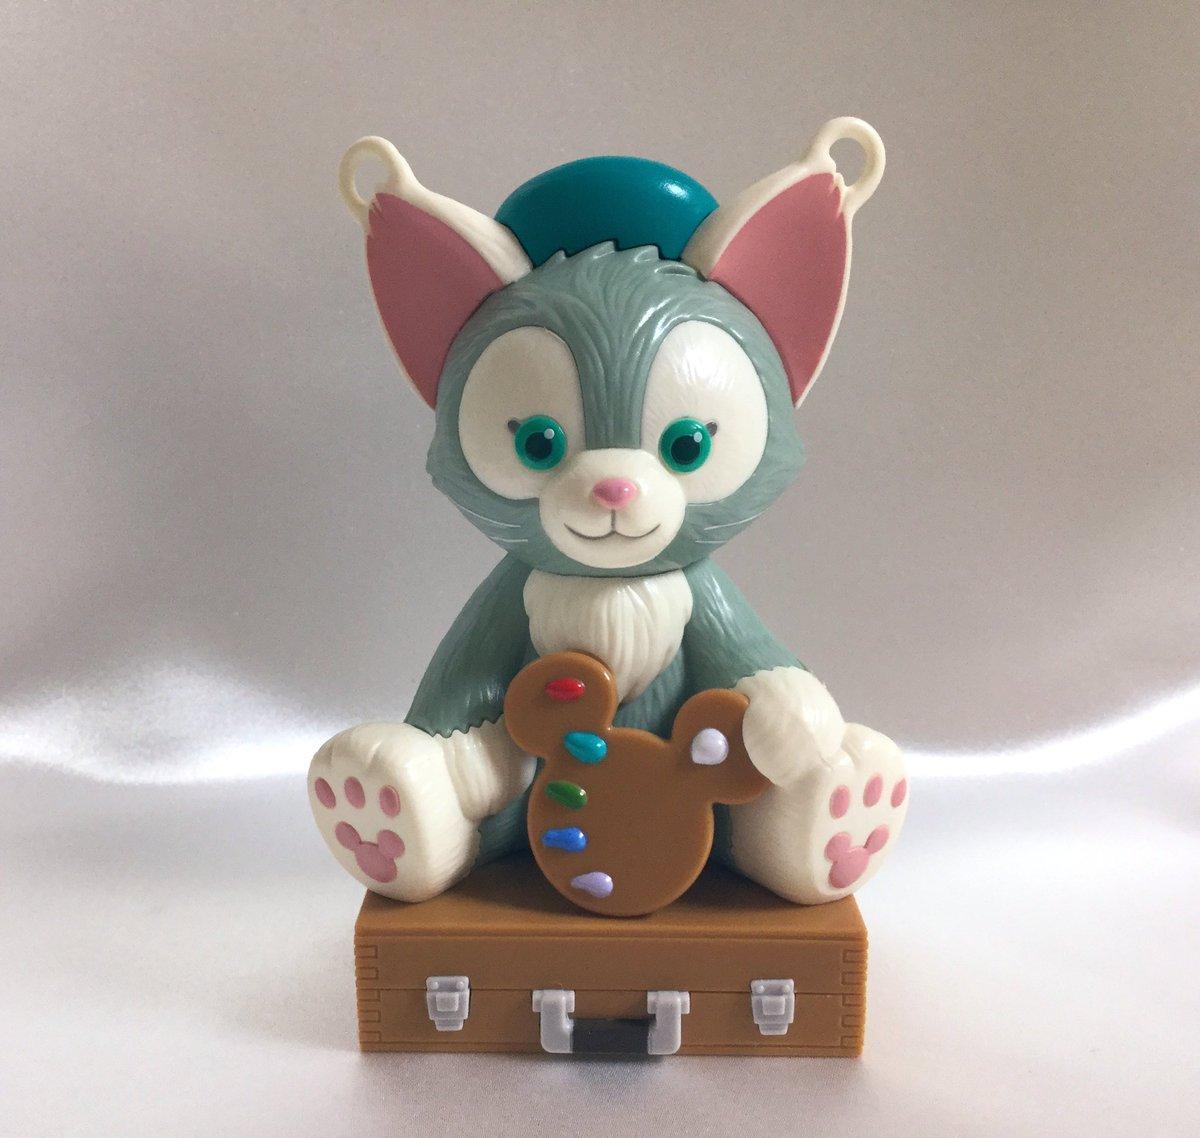 9月にリサイクルショップにて購入したジェラトーニのスナックケースです🐱🎨とっても可愛いです☺️  #Disney #東京ディズニーシー #TDS #ジェラトーニ #スナックケース https://t.co/w4KFZZCw3v